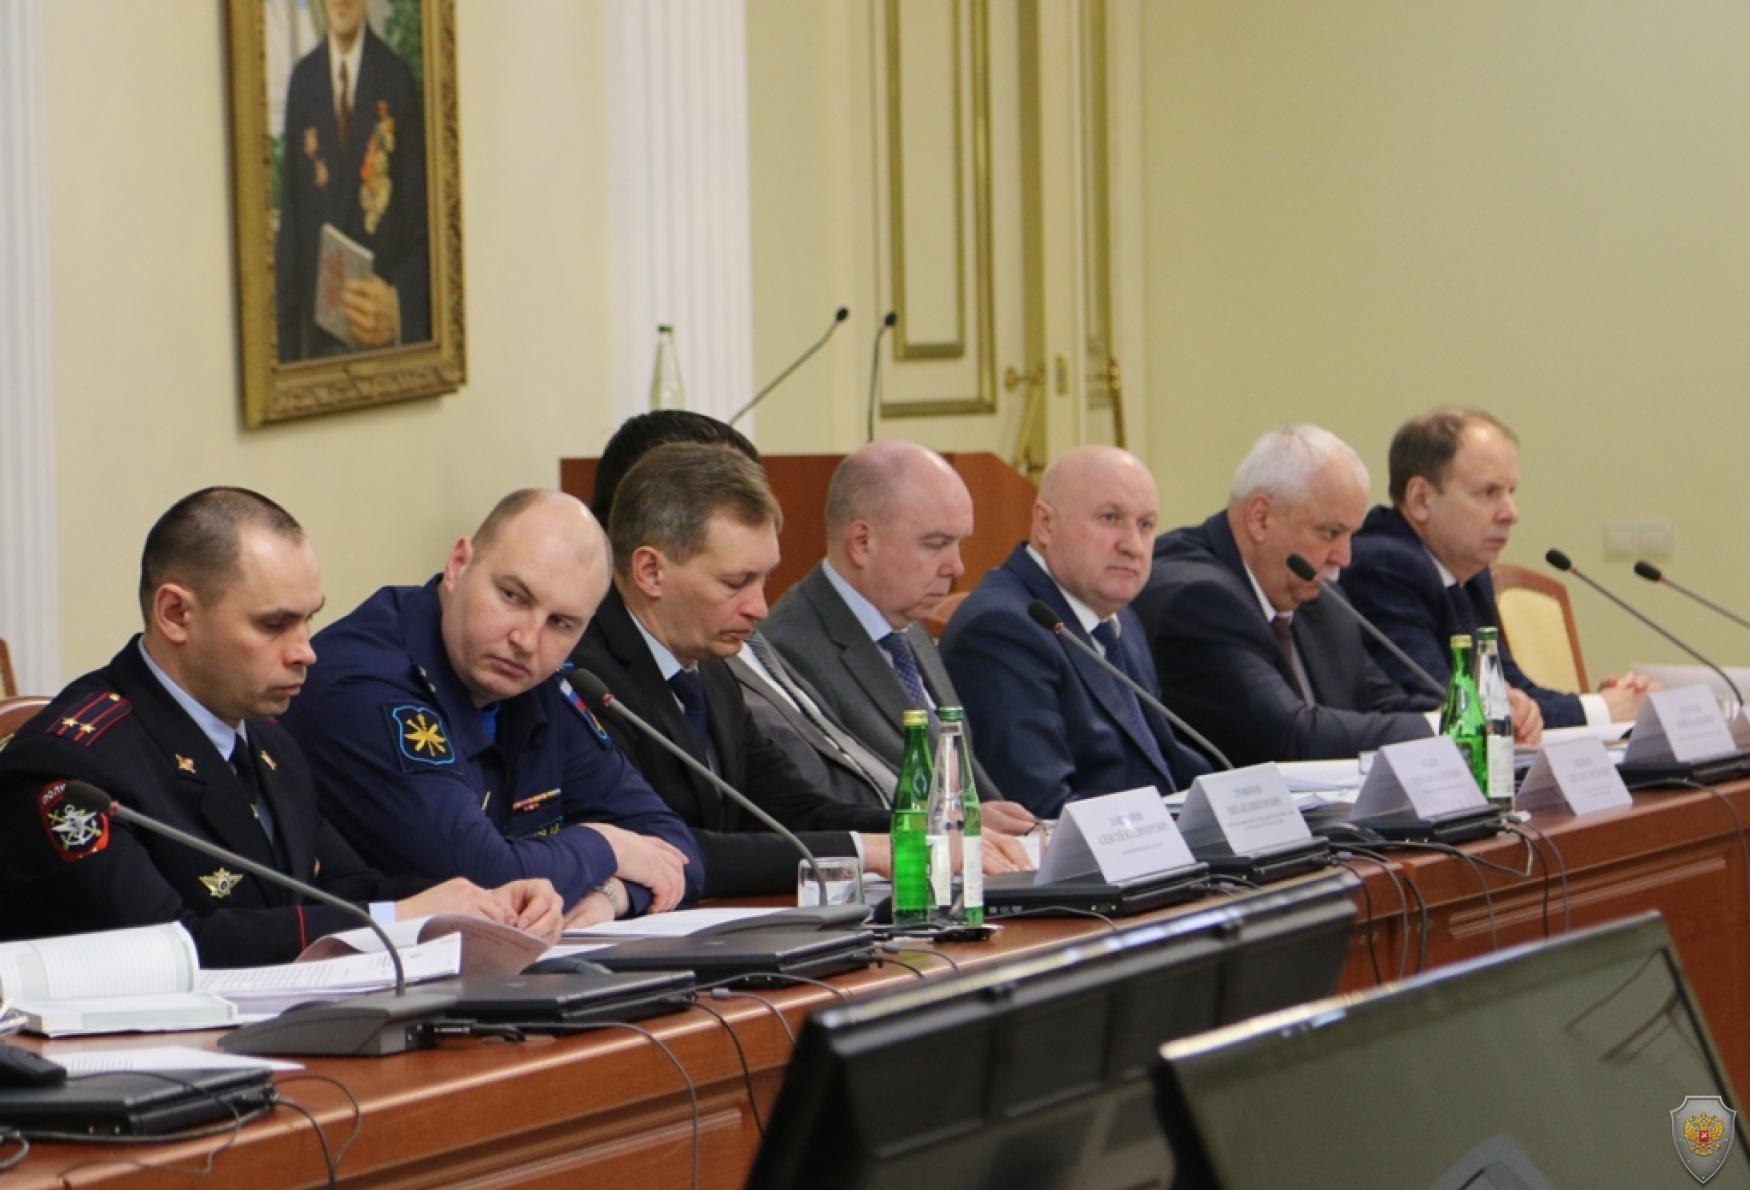 Руководители правоохранительных органов на совместном заседании Антитеррористической комиссии и Оперативного штаба 24 февраля 2016 года